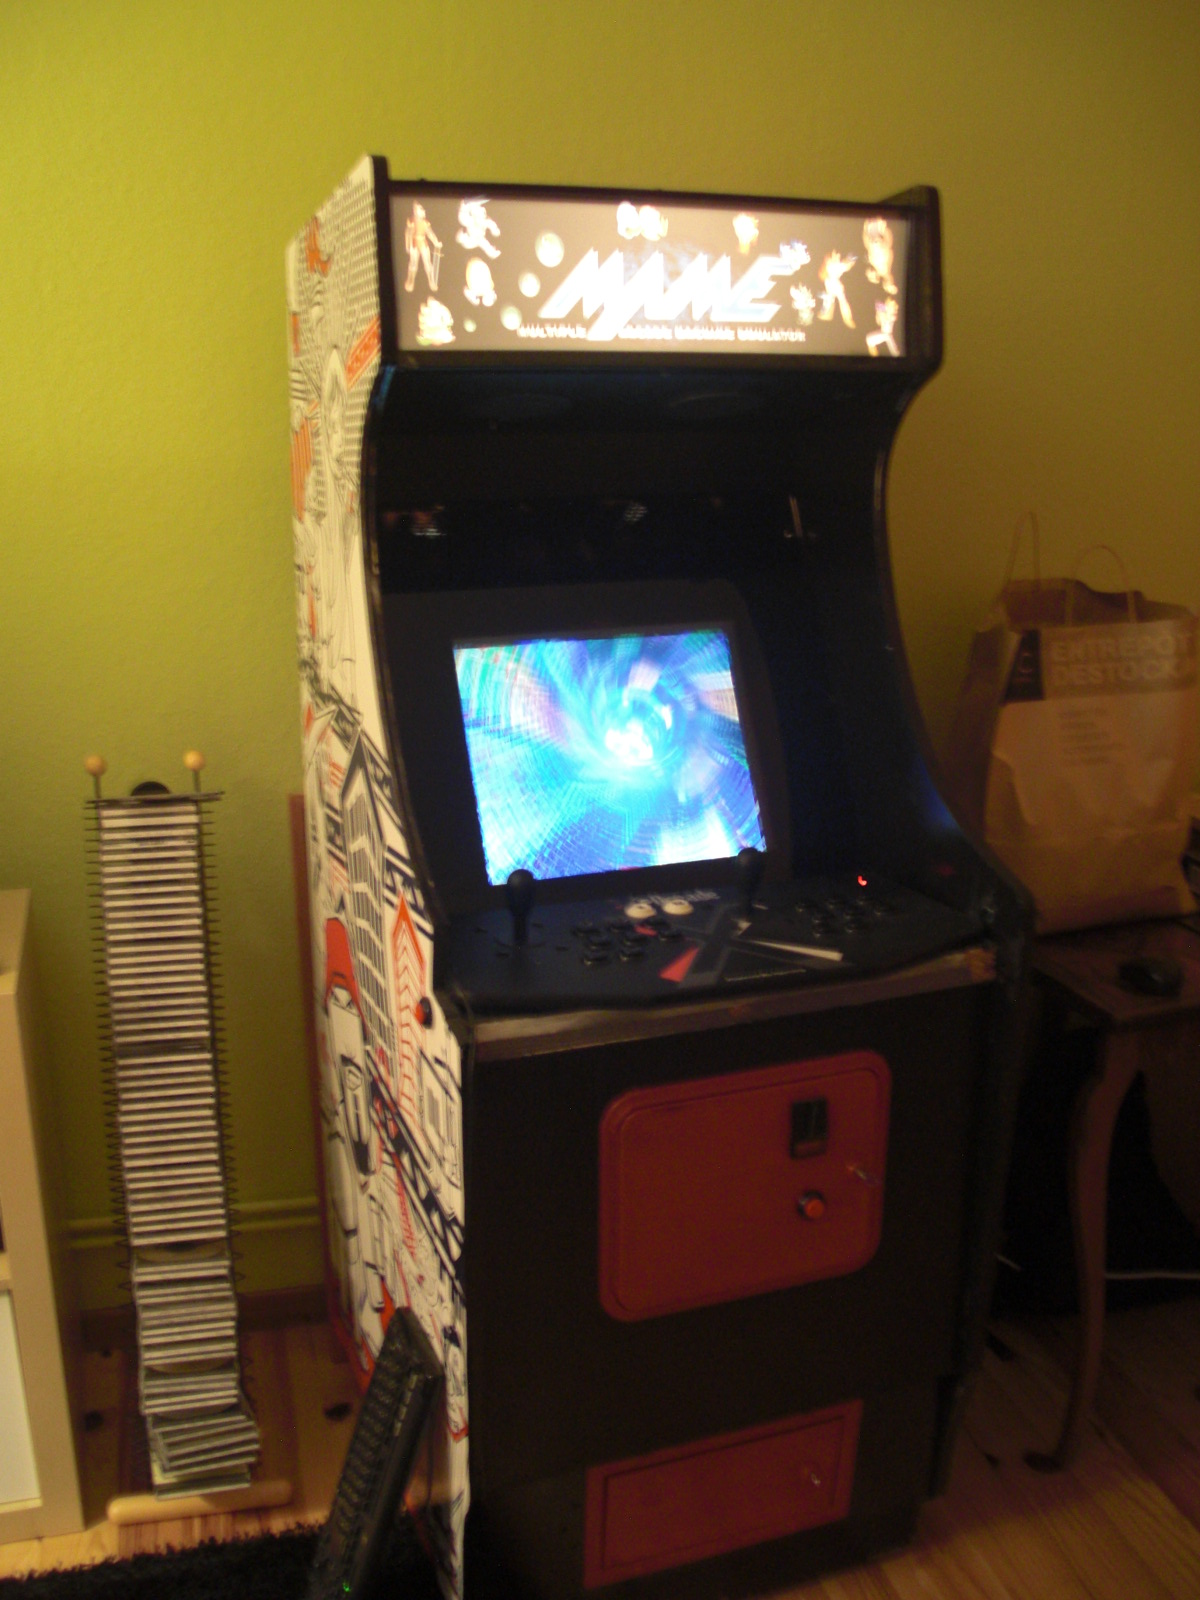 Vendue borne d 39 arcade maison - Borne d arcade maison ...